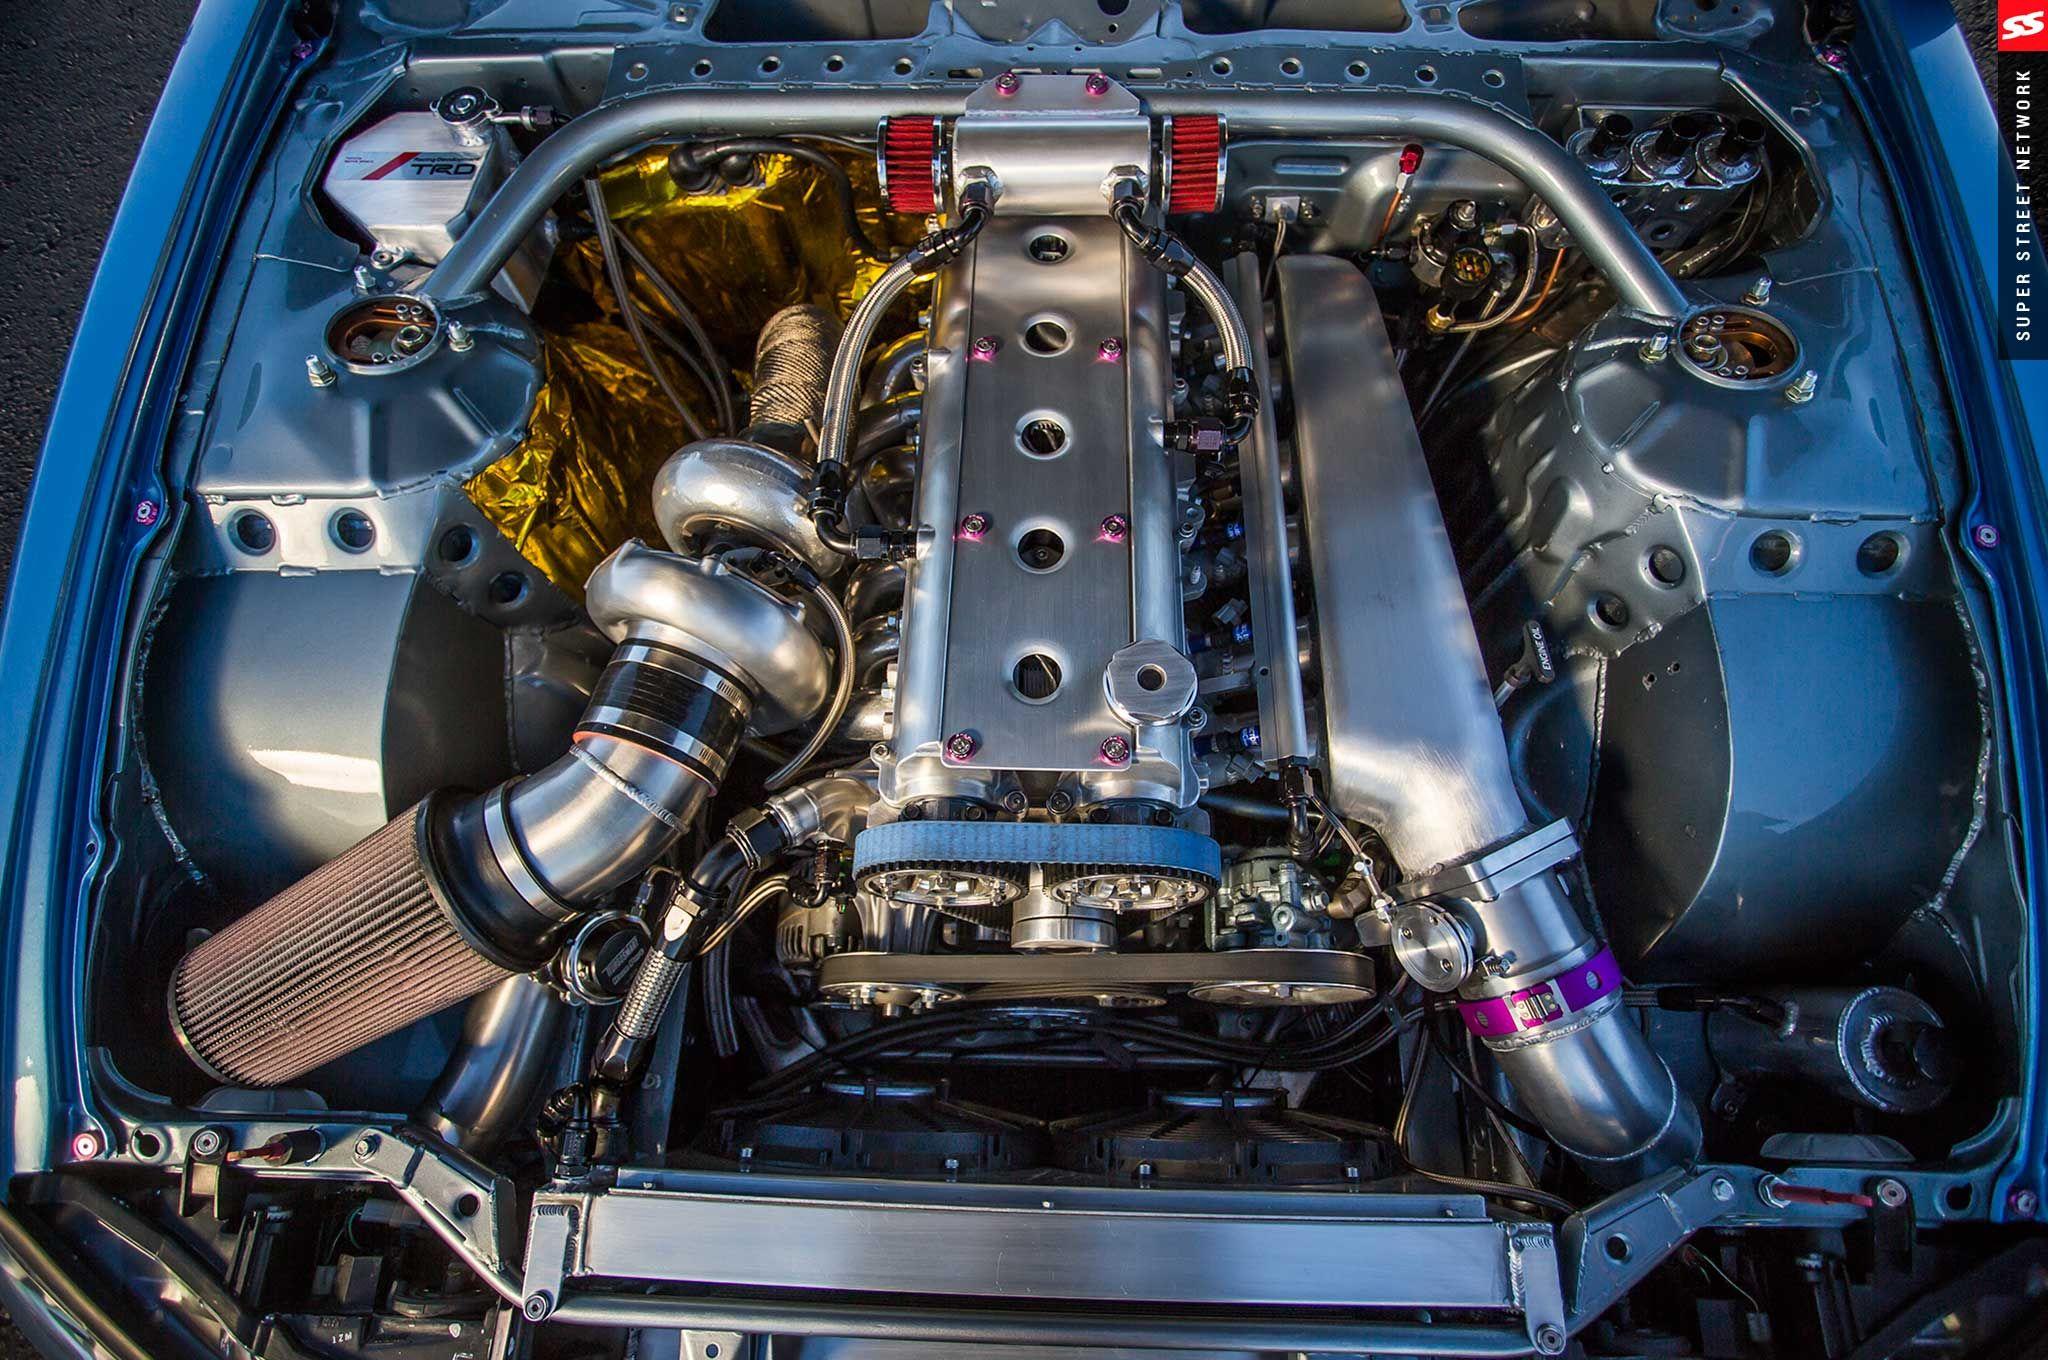 2jz powered nissan 240sx 2jzgte swap stance suspension2jz powered nissan 240sx 2jzgte swap